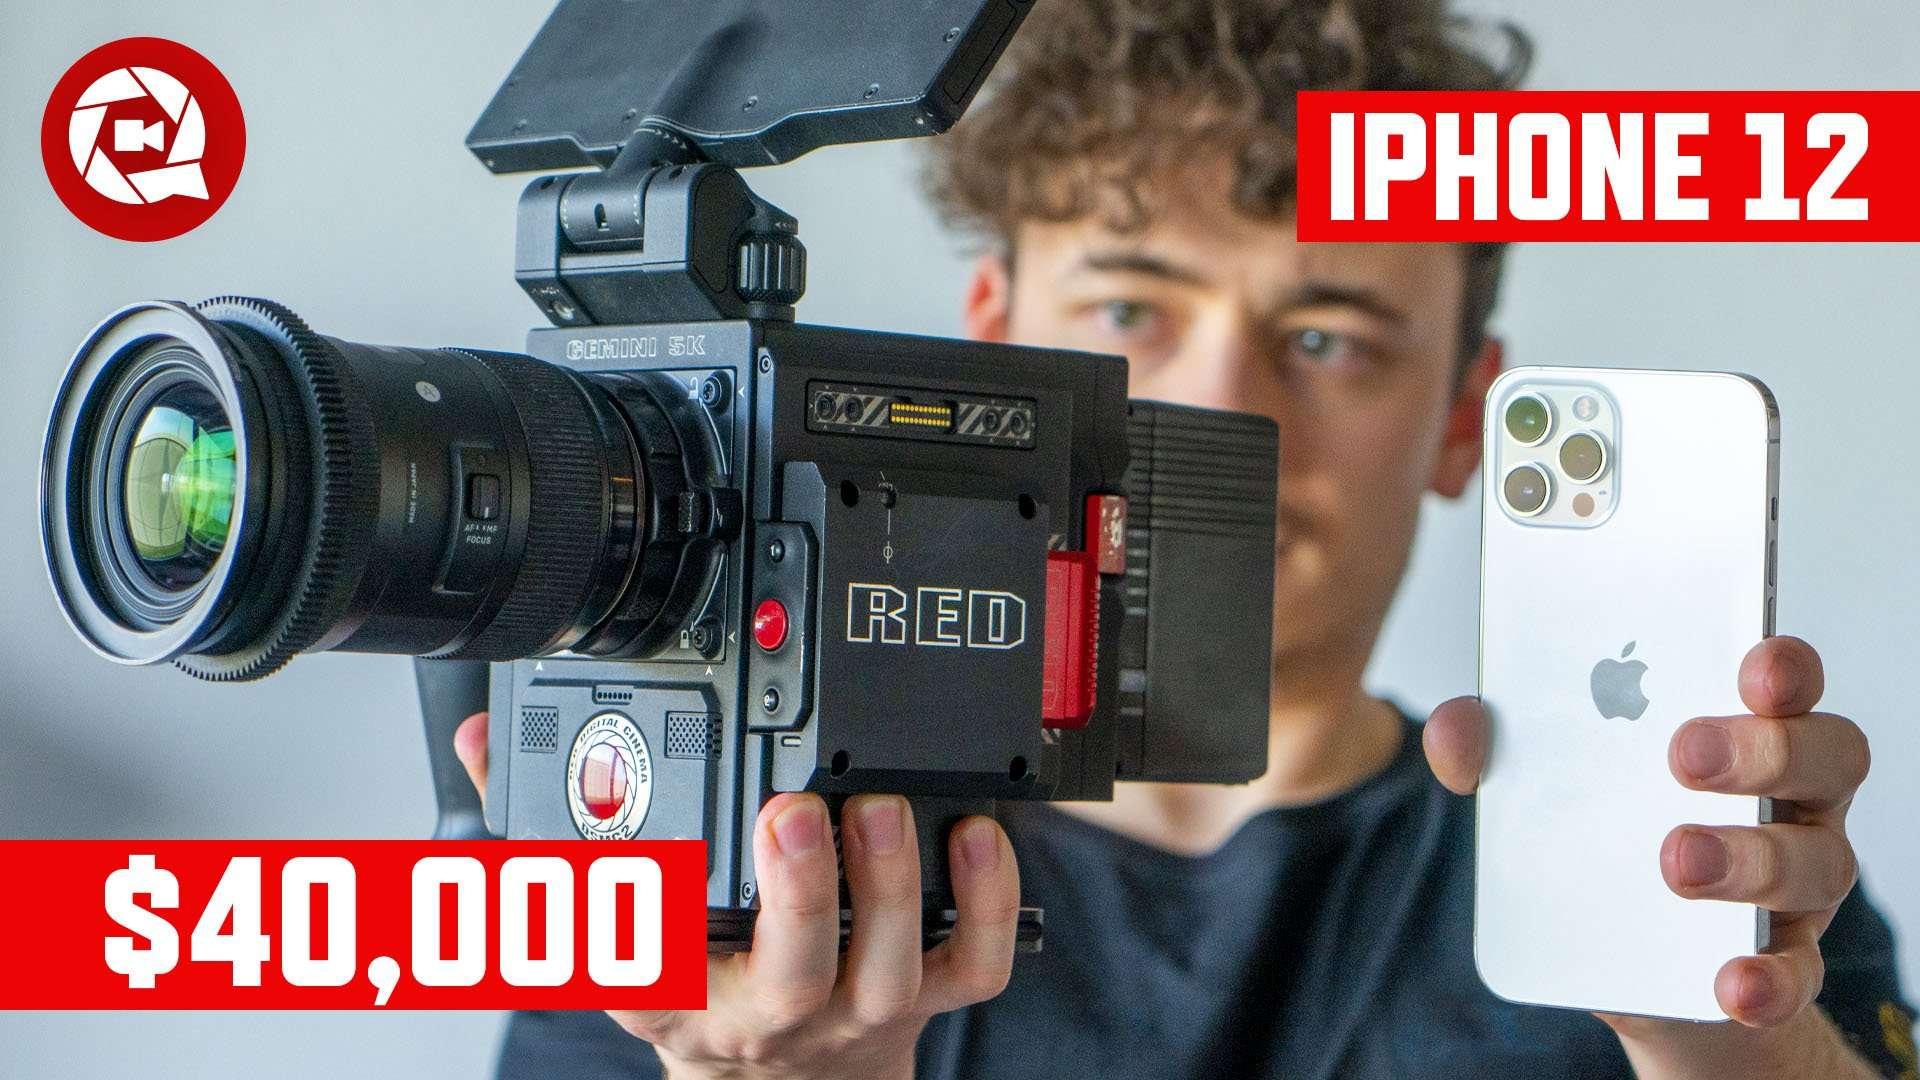 RED vs iPhone 12 Pro Comparison